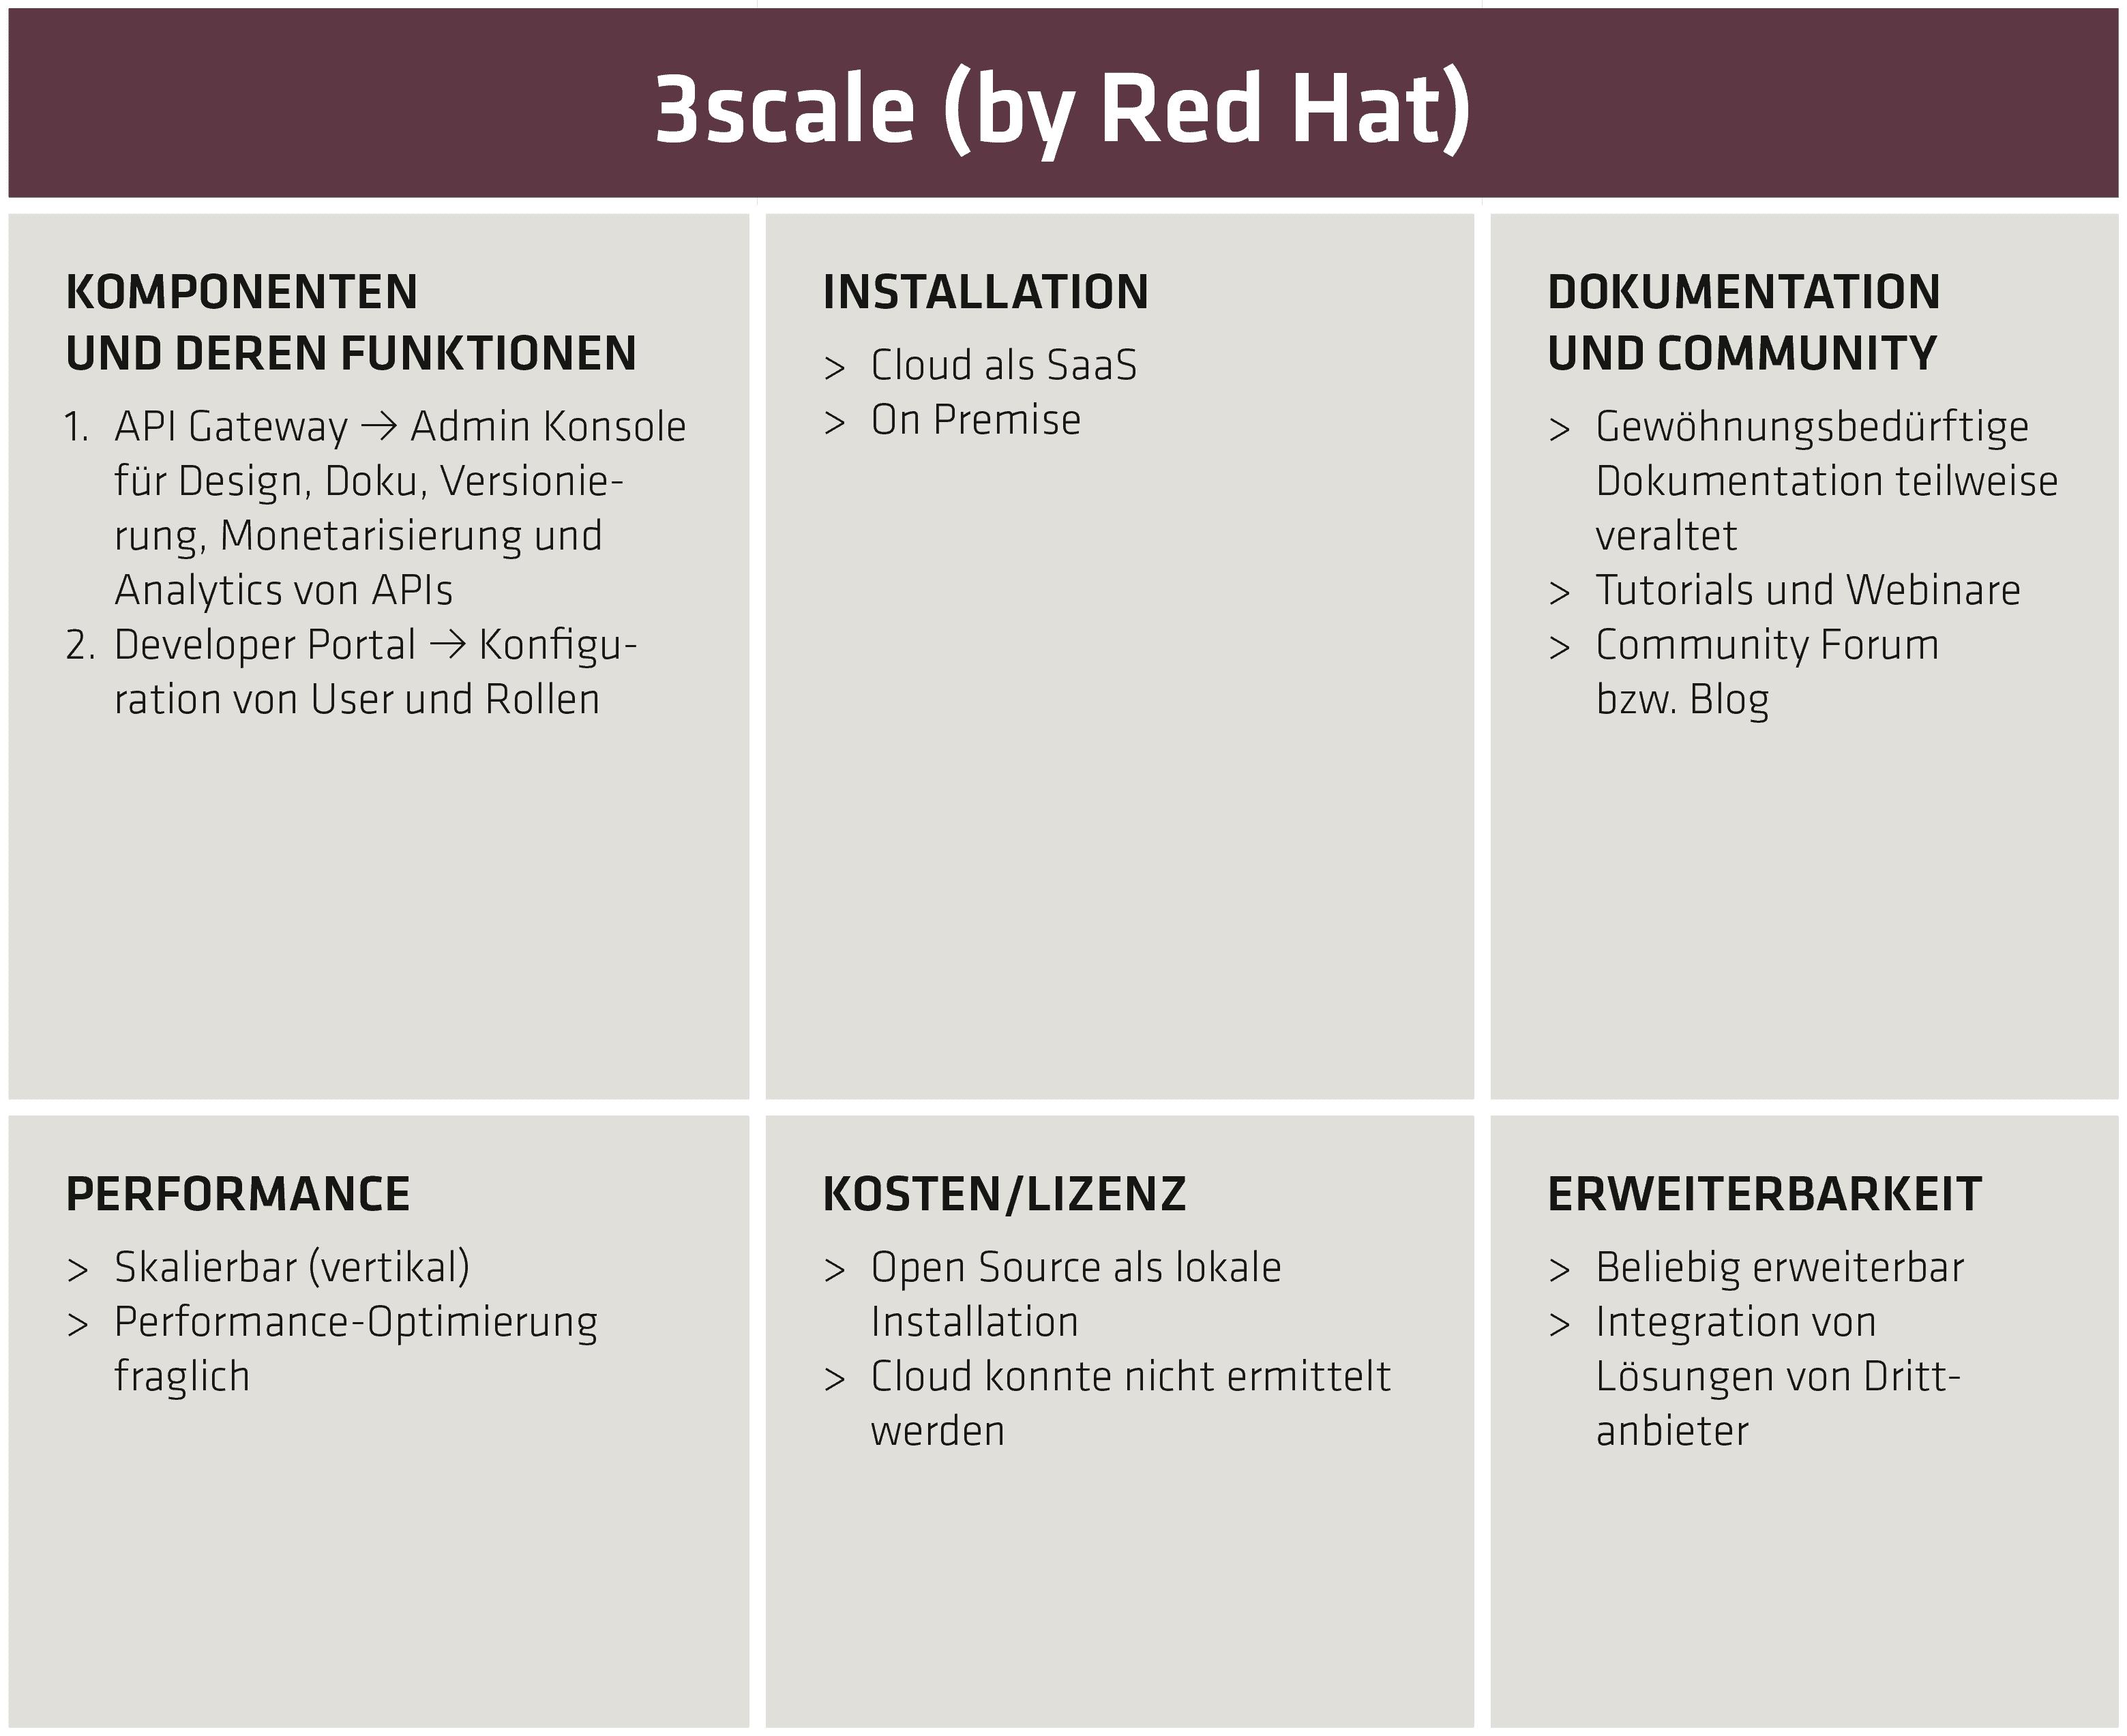 3scale-Bewertungs- und Funktionsmatrix